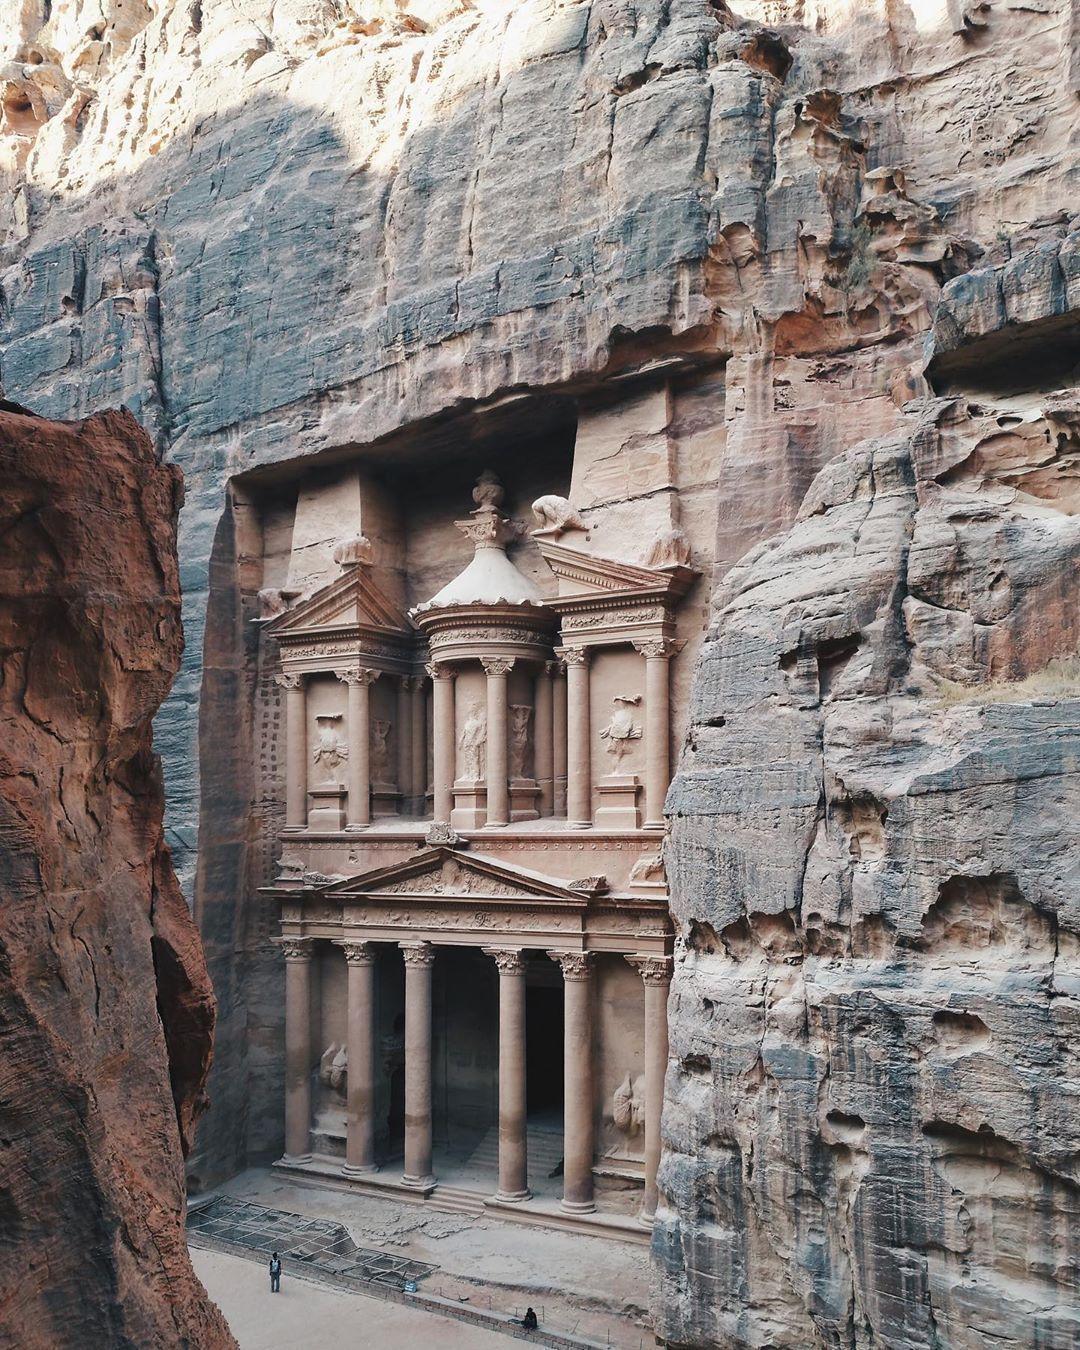 Del Comar V Instagram The Treasury Al Khazneh At Petra Jordan October 2019 Petrajordan Del Comar V Instagram T Petra Tours Petra Jordan Petra Travel